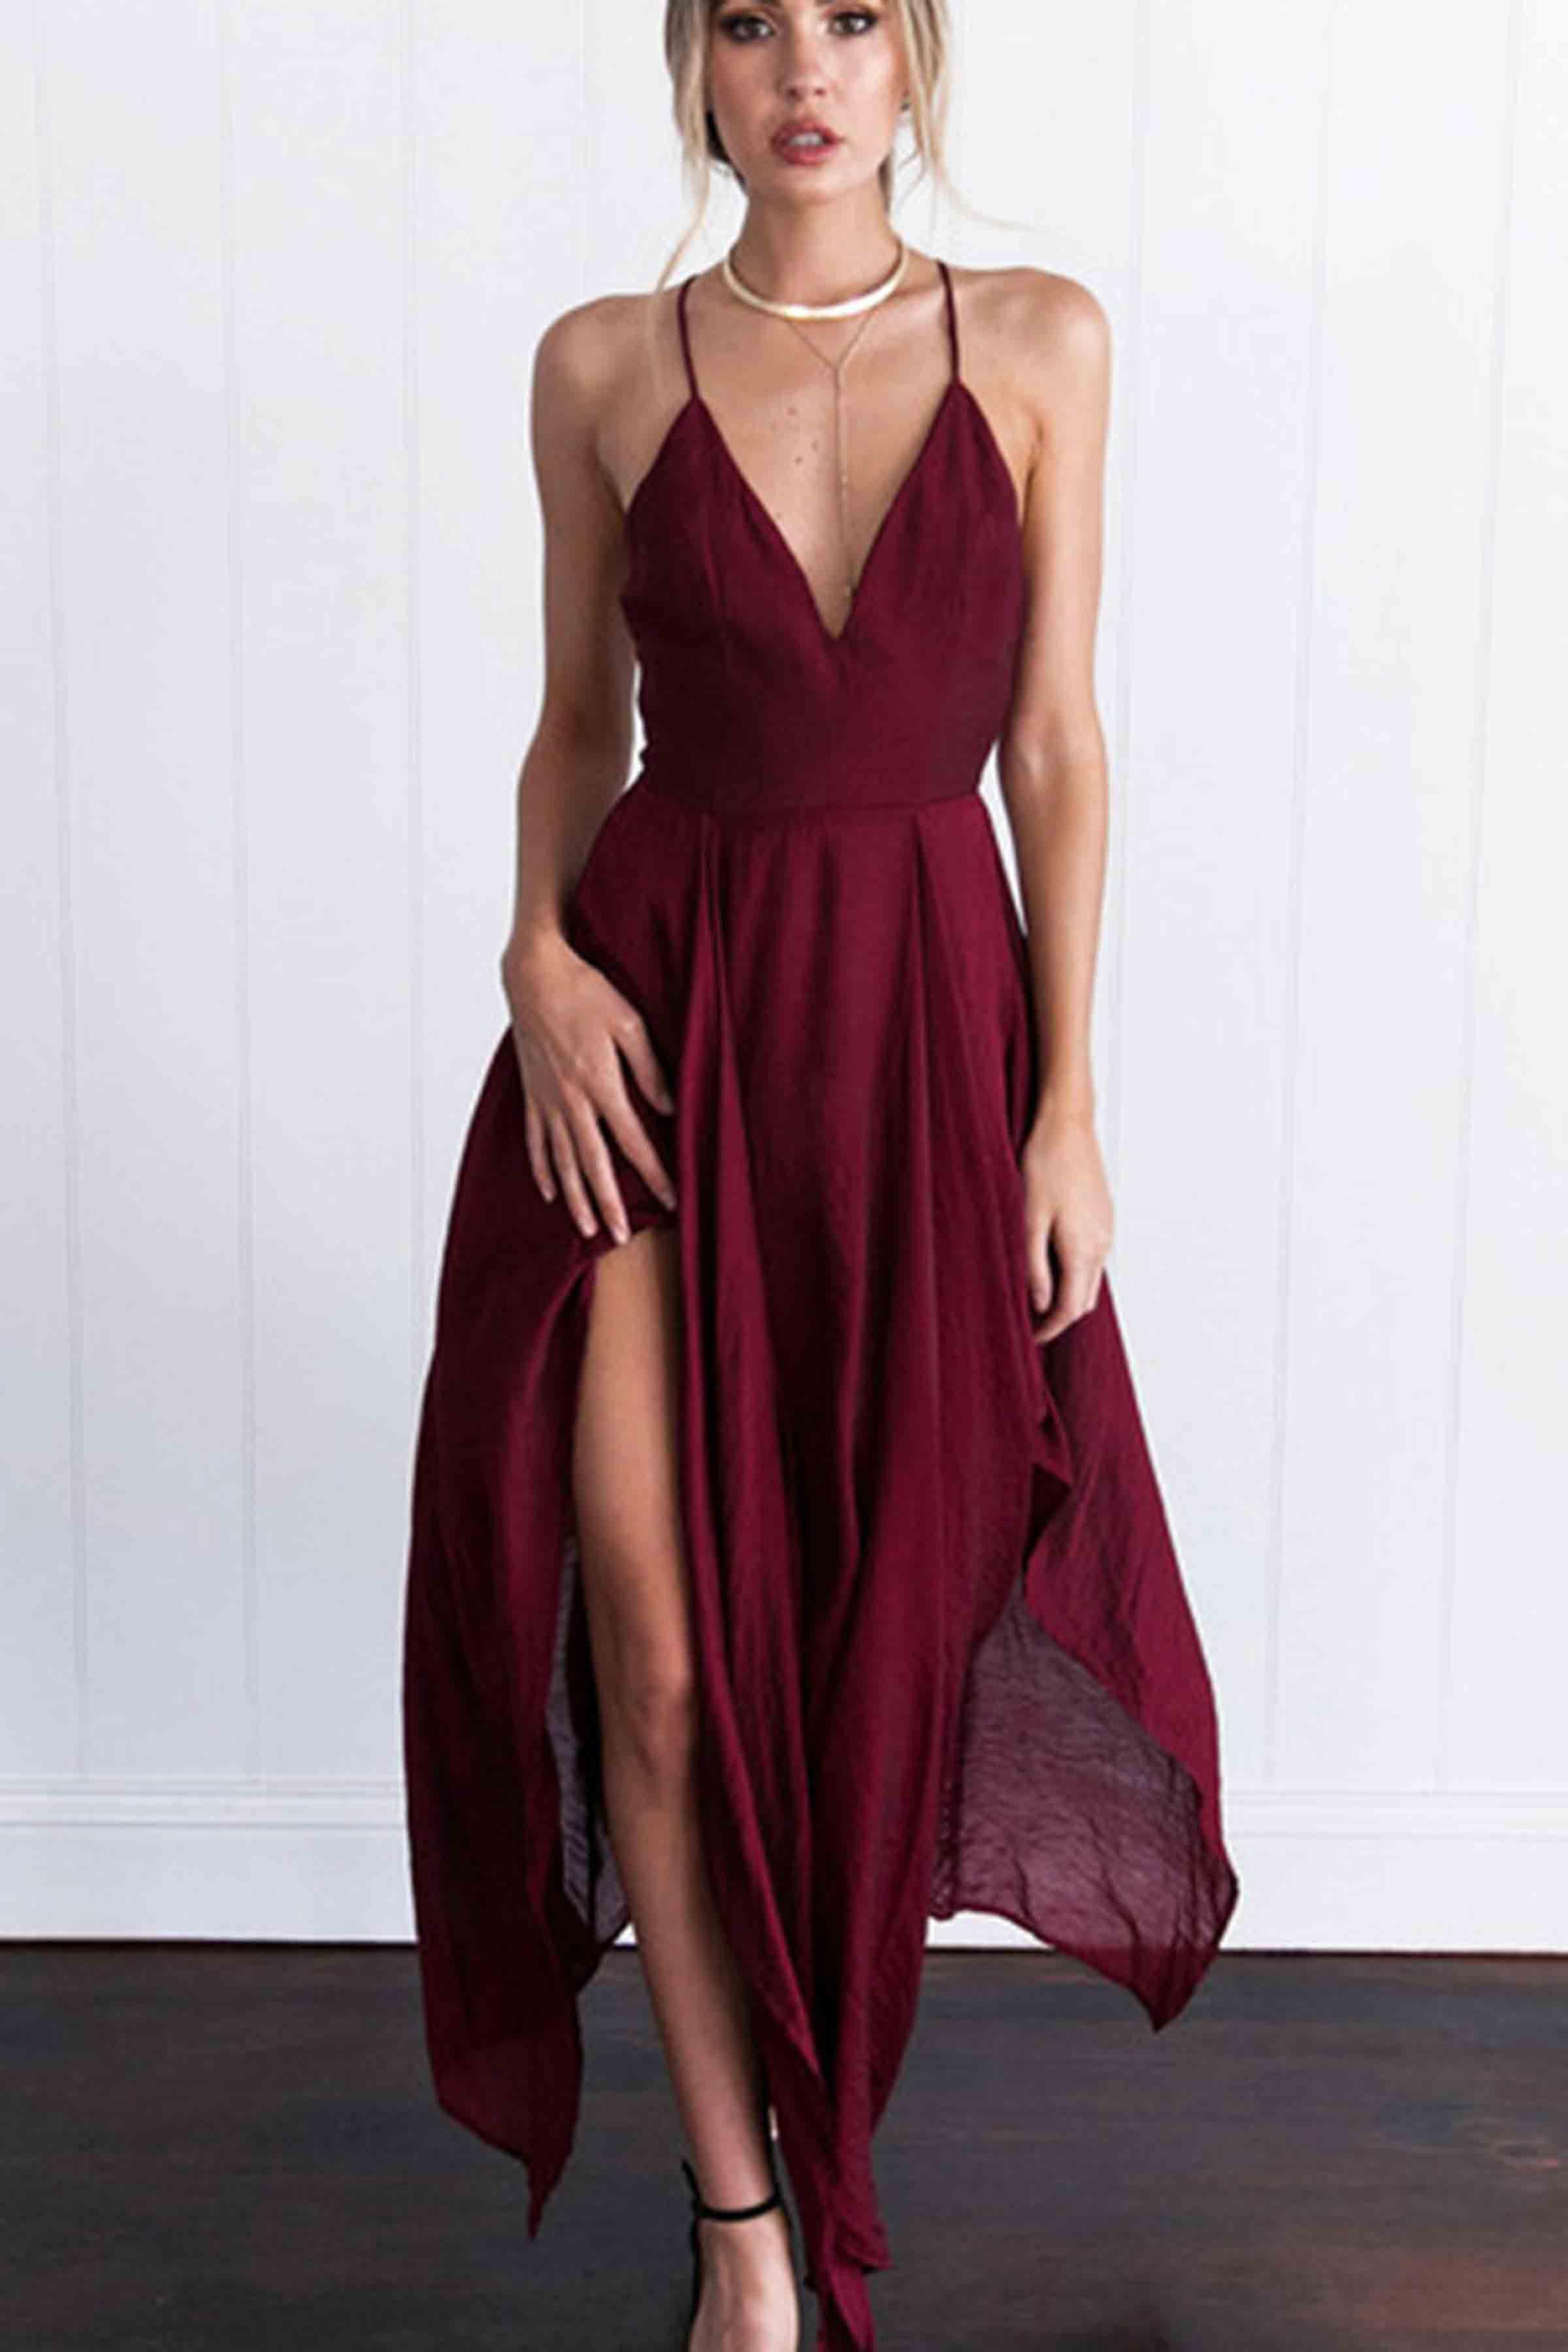 6978ad2234 Sexy v-neck burgundy chiffon prom dress